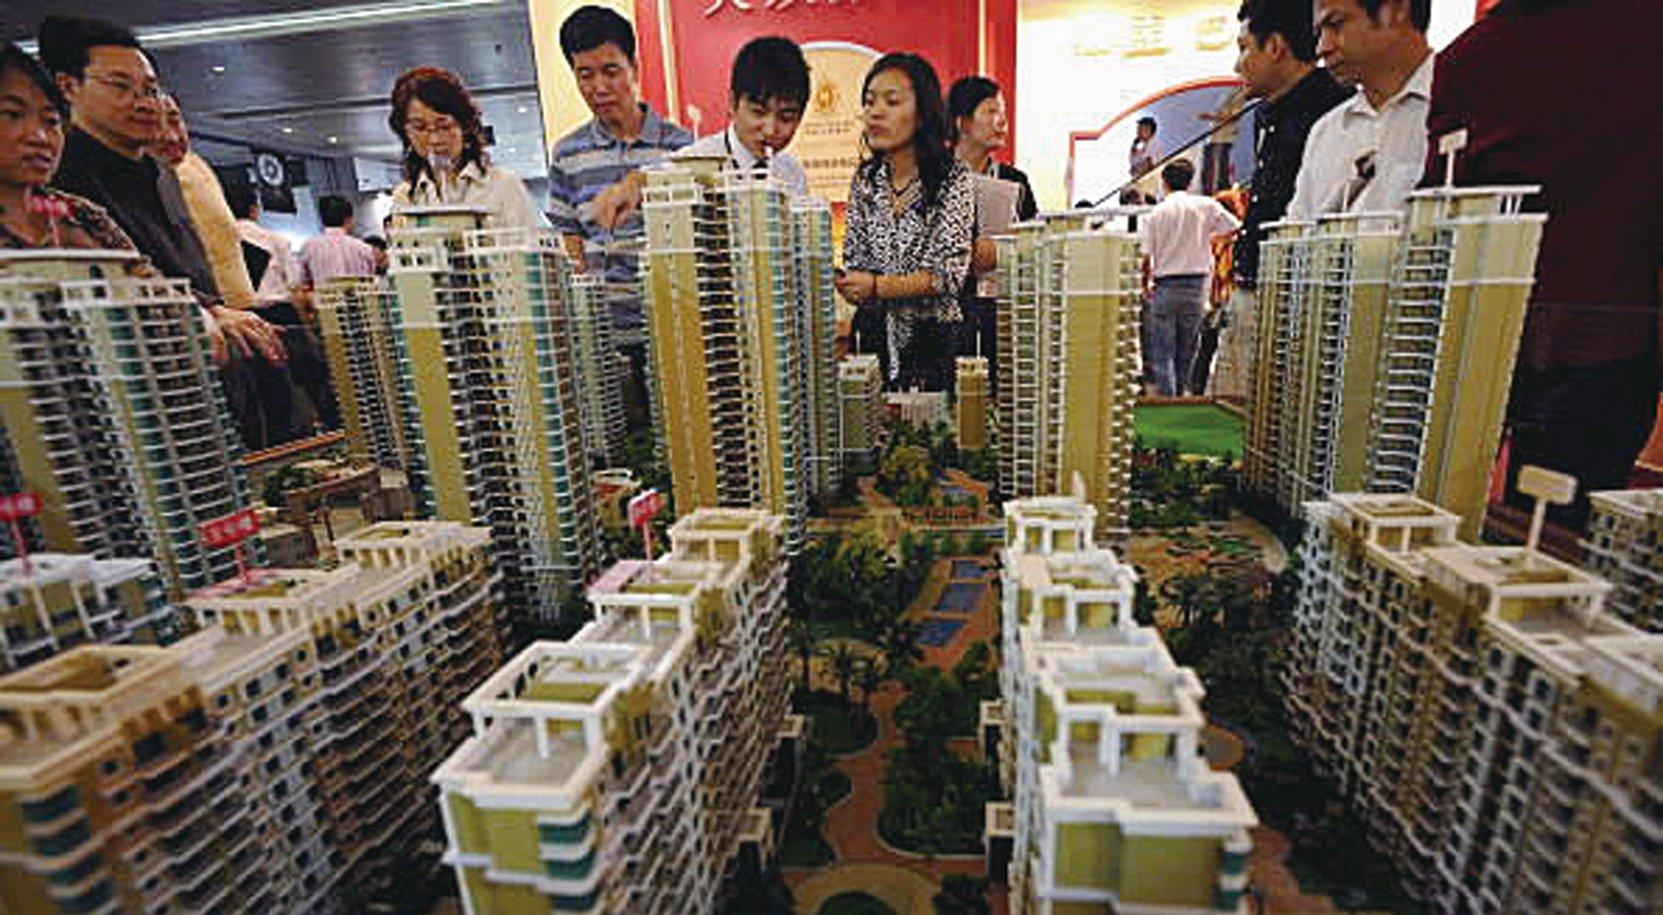 受中共病毒瘟疫打擊,北京房地產市場已經趨冷。最近北京的瘟疫再次從新發地爆發,令北京房地產市場雪上加霜,無論是銷售還是租賃市場雙雙下滑,其中租房帶看量下滑30%。分析師認為,這相當於2008年金融危機再現。圖為大陸房地產銷售一景。(Getty Images)